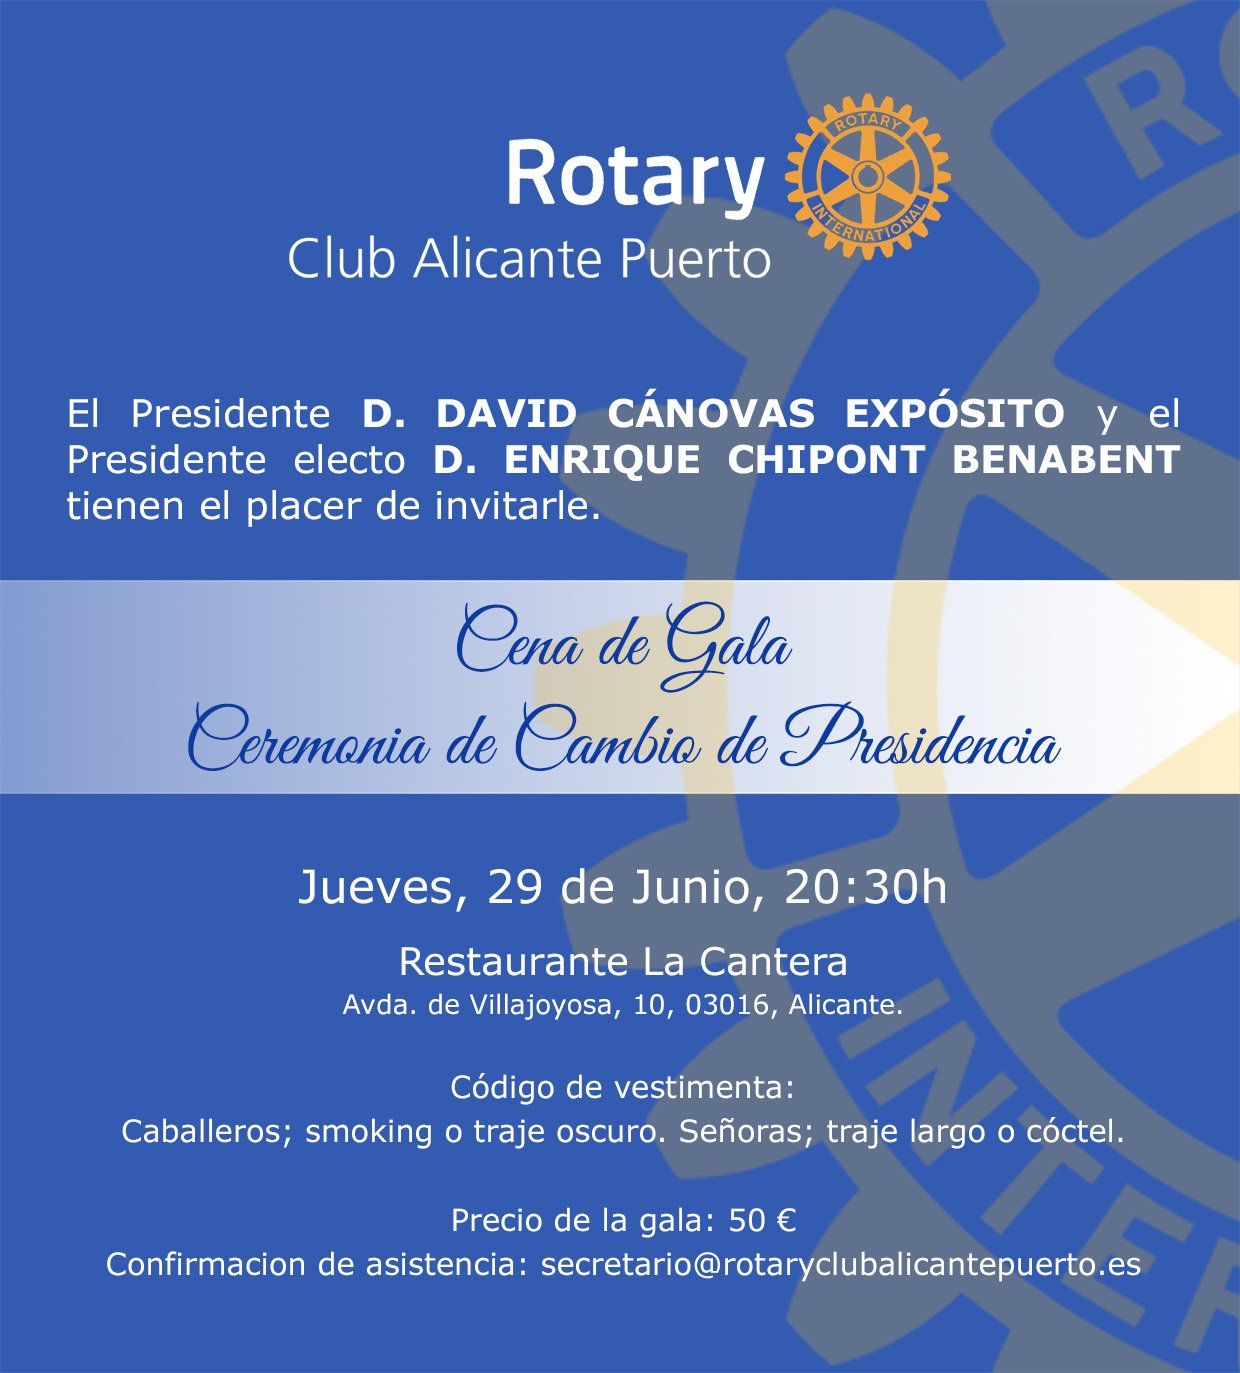 Invitación Cambio de Presidencia - Rotary Club Alicante Puerto